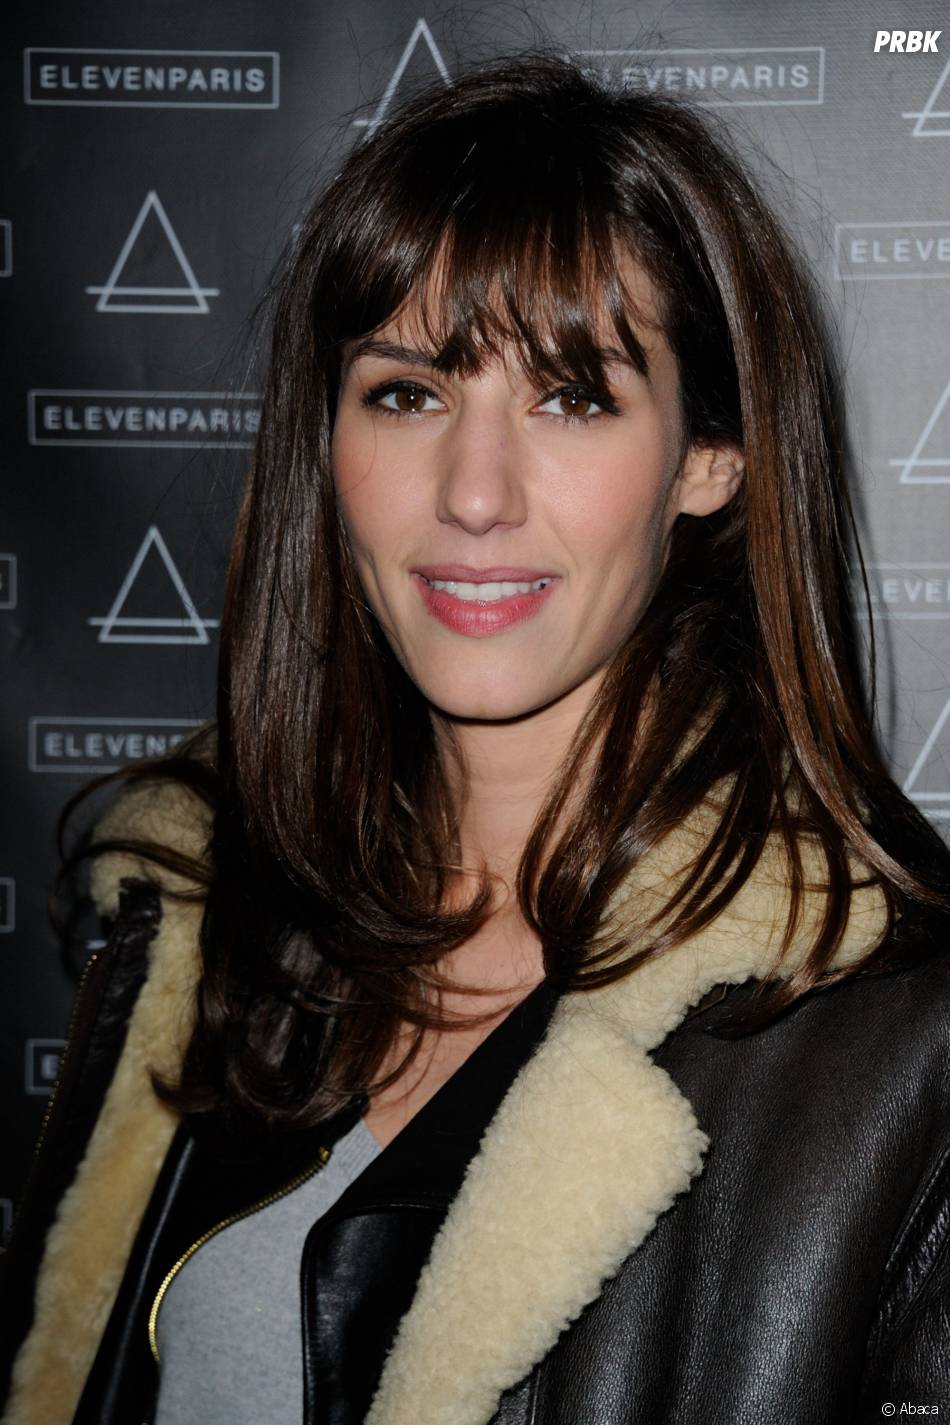 Dora Tillier, invitée de la soirée Eleven Paris à la Gaité Lyrique et au VIP Room, le 4 mars 2014